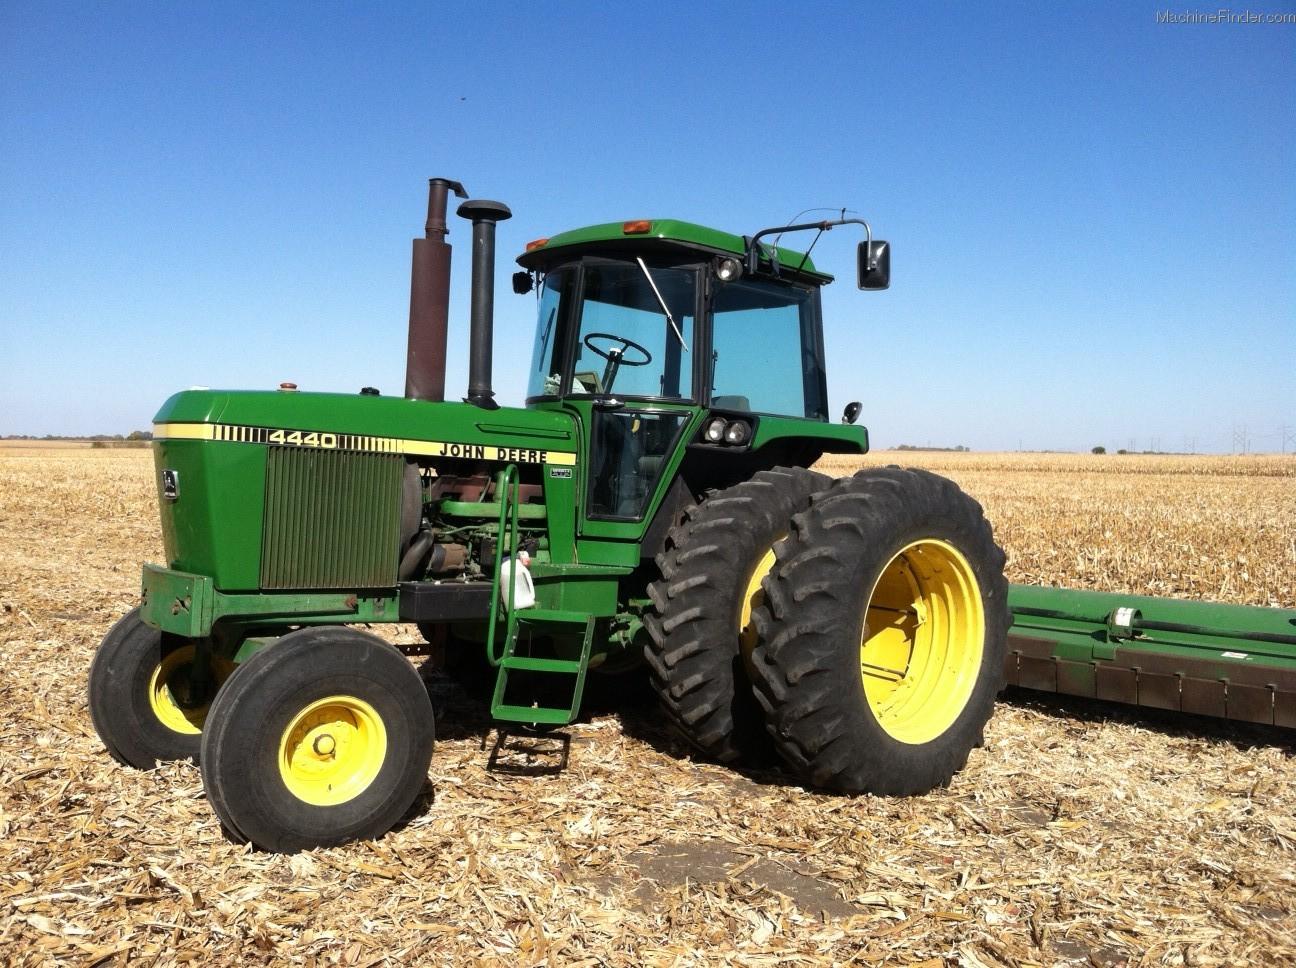 1982 John Deere 4440 Tractors - Row Crop (+100hp) - John ...